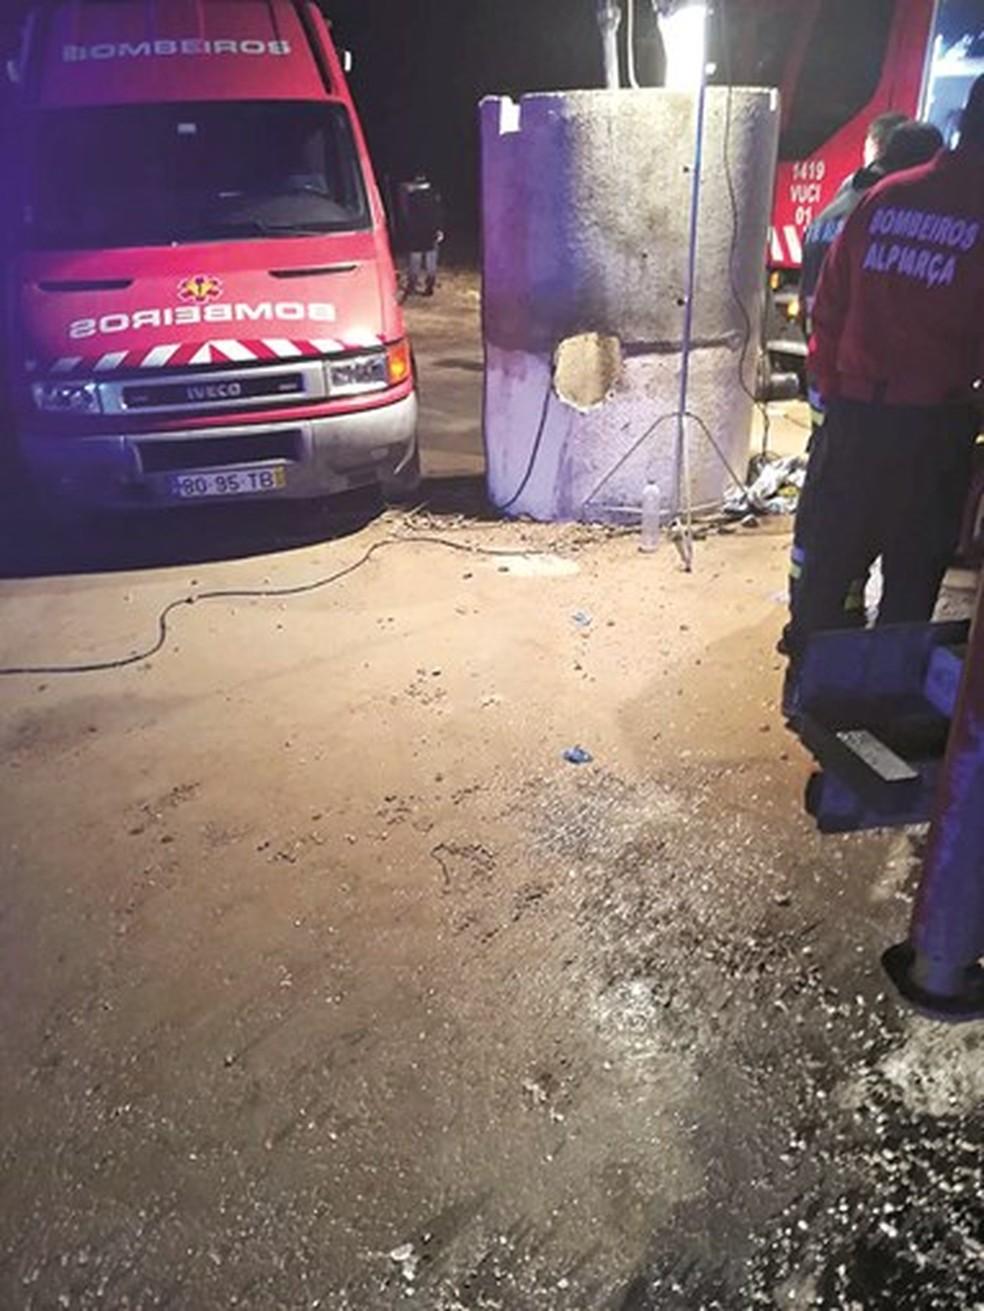 Fossa onde ocorreu o acidente em Portugal — Foto: Confina Jornal